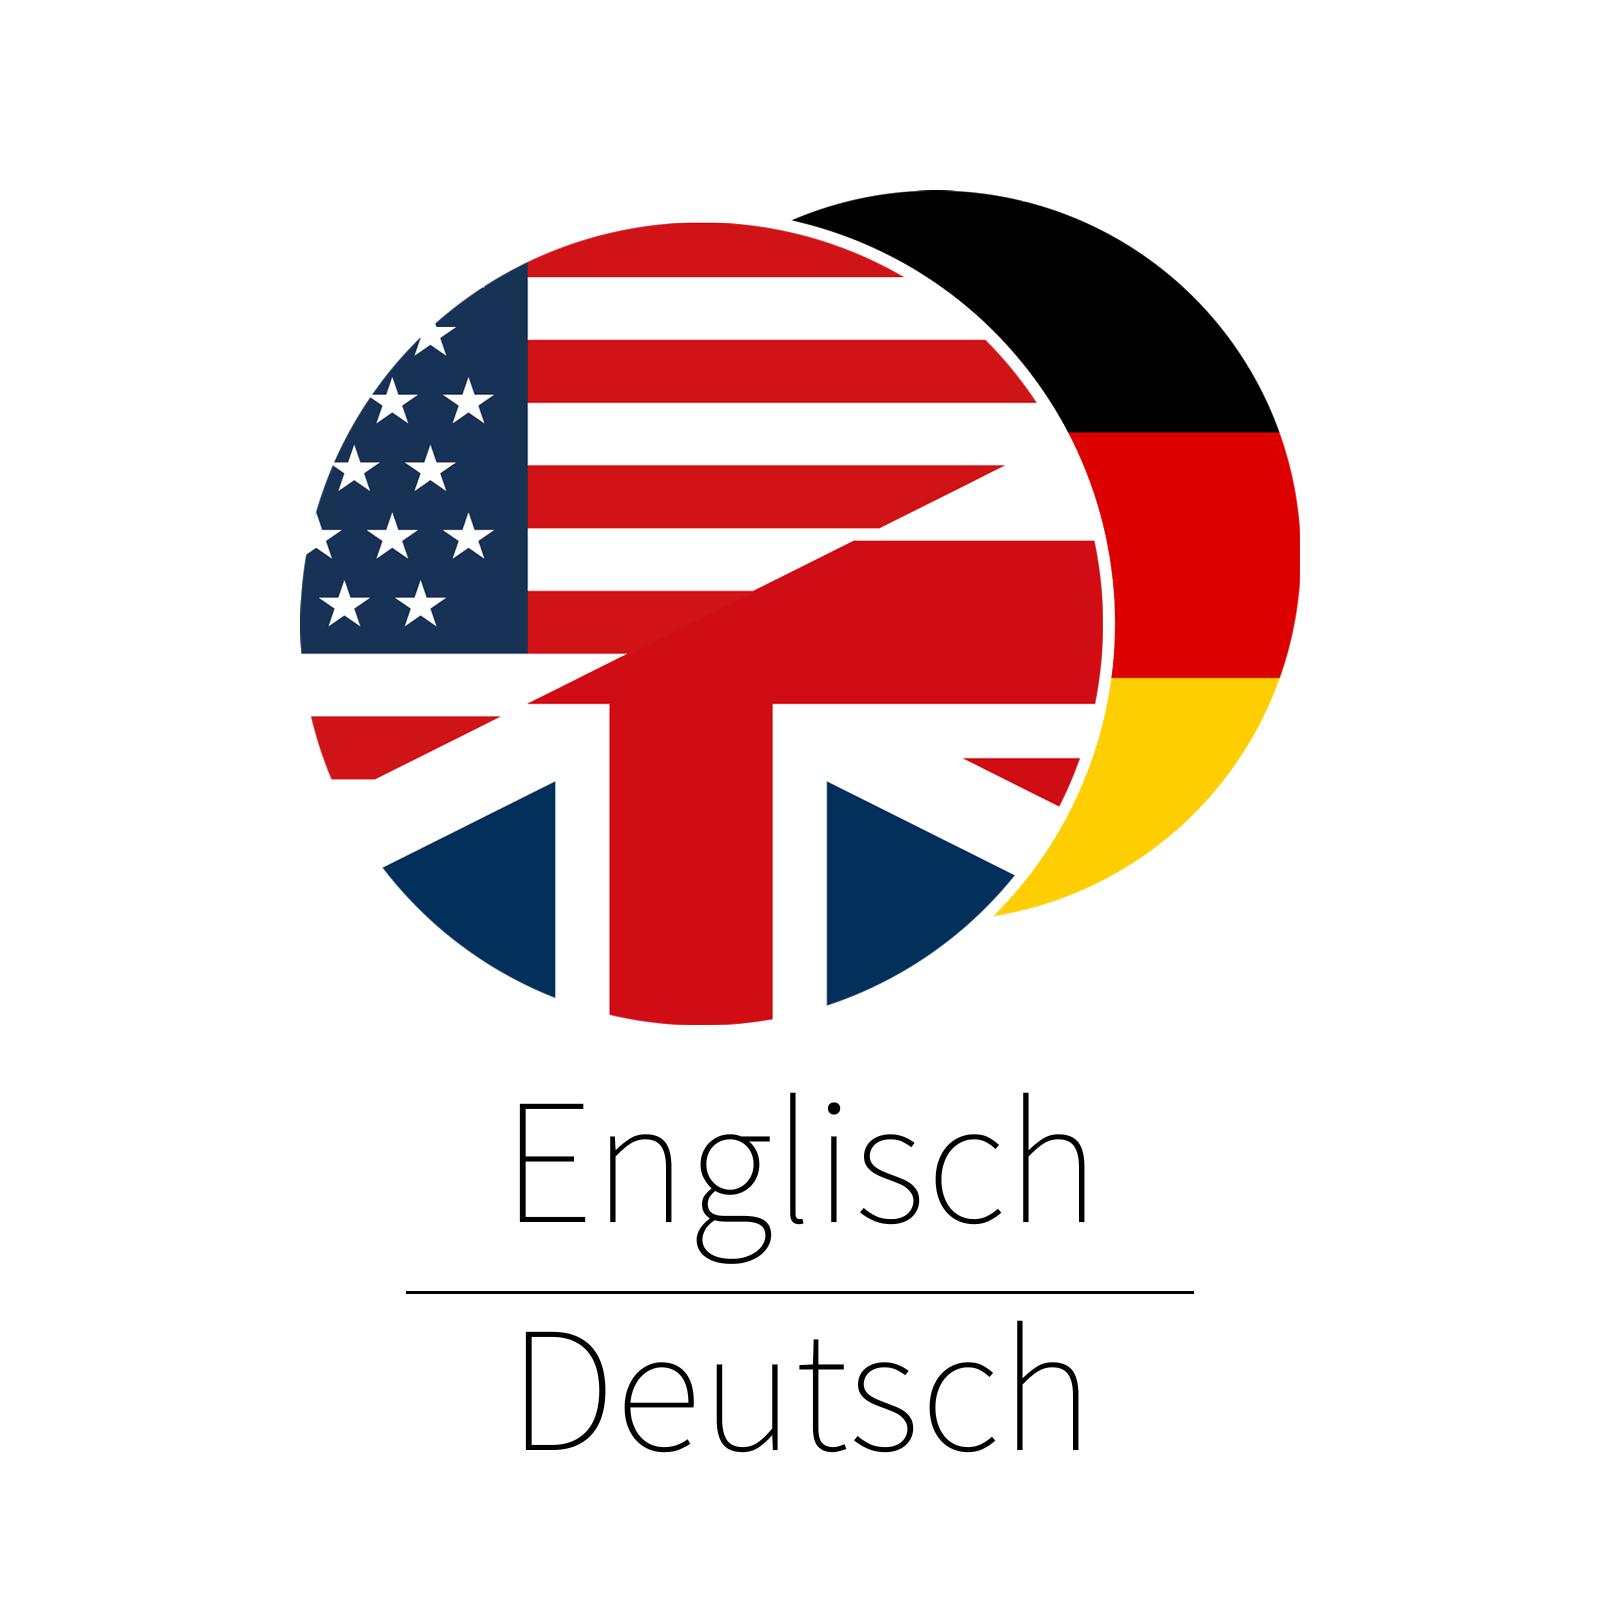 Englisch - Deutsch